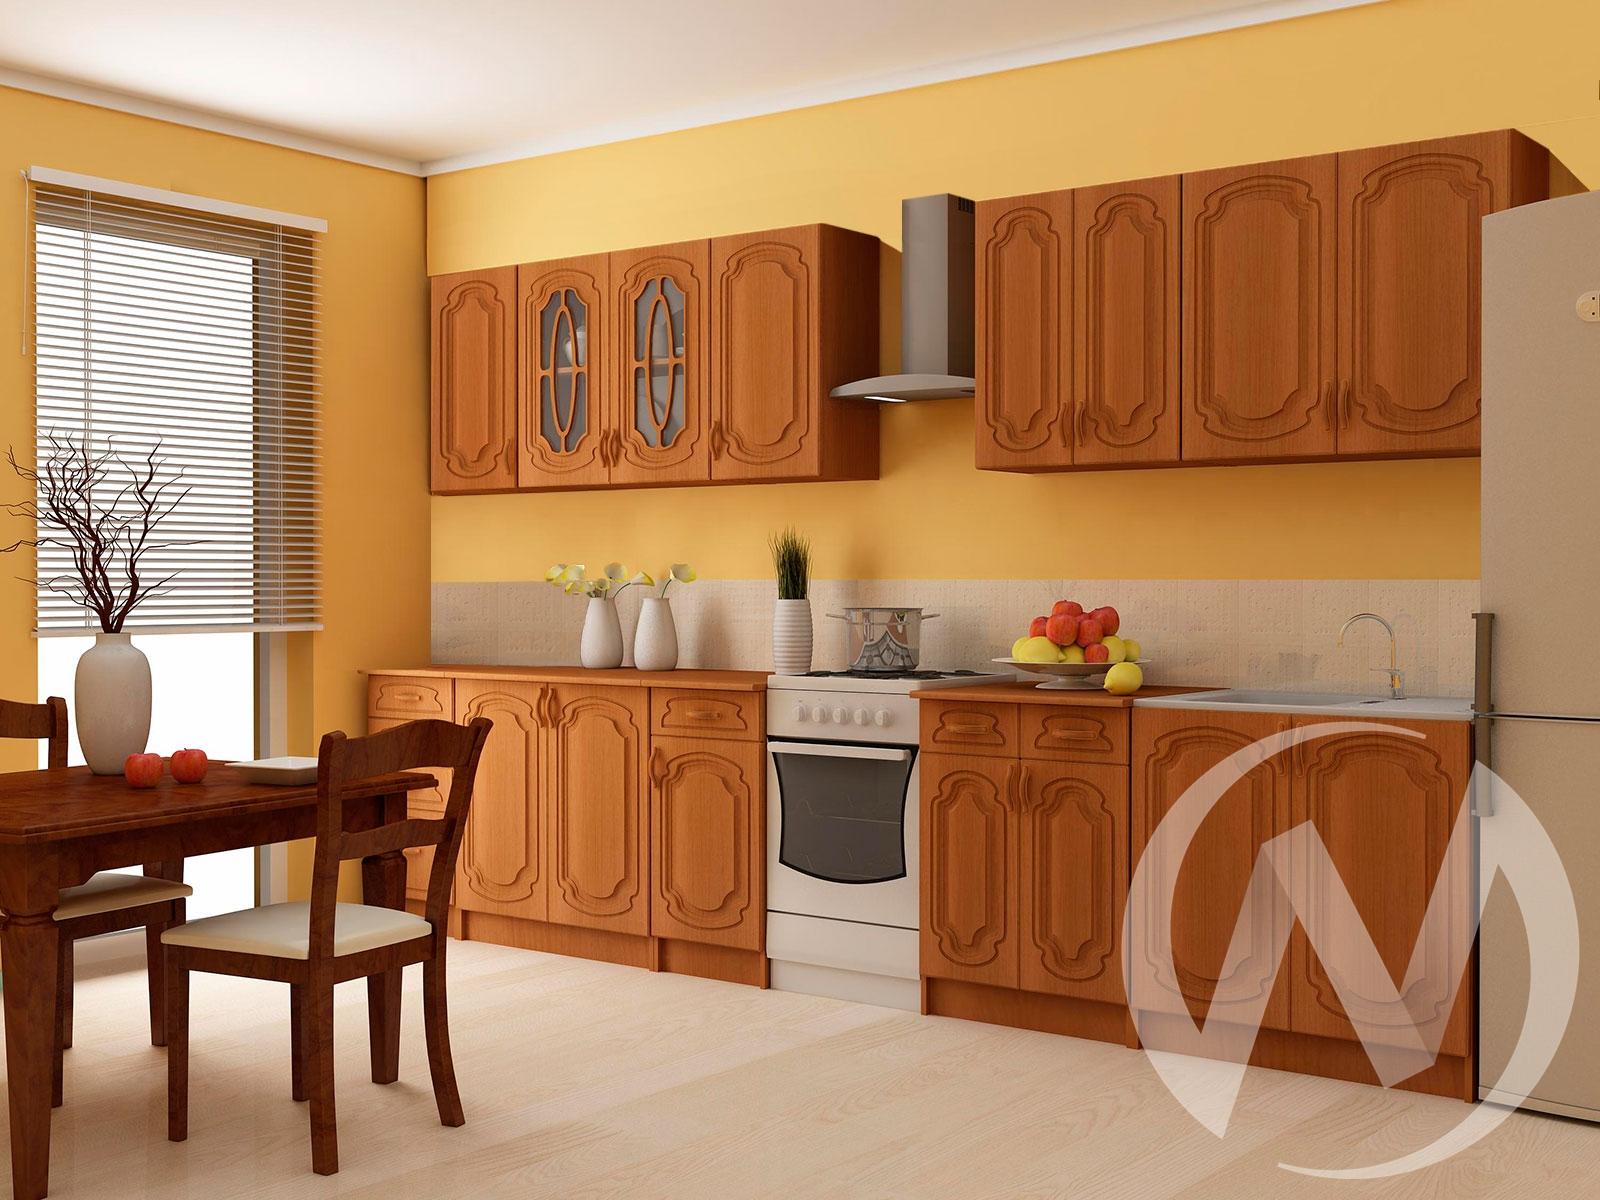 """Купить кухня """"настя"""" (ольха оксфорд) в Новосибирске в интернет-магазине Мебель плюс Техника"""